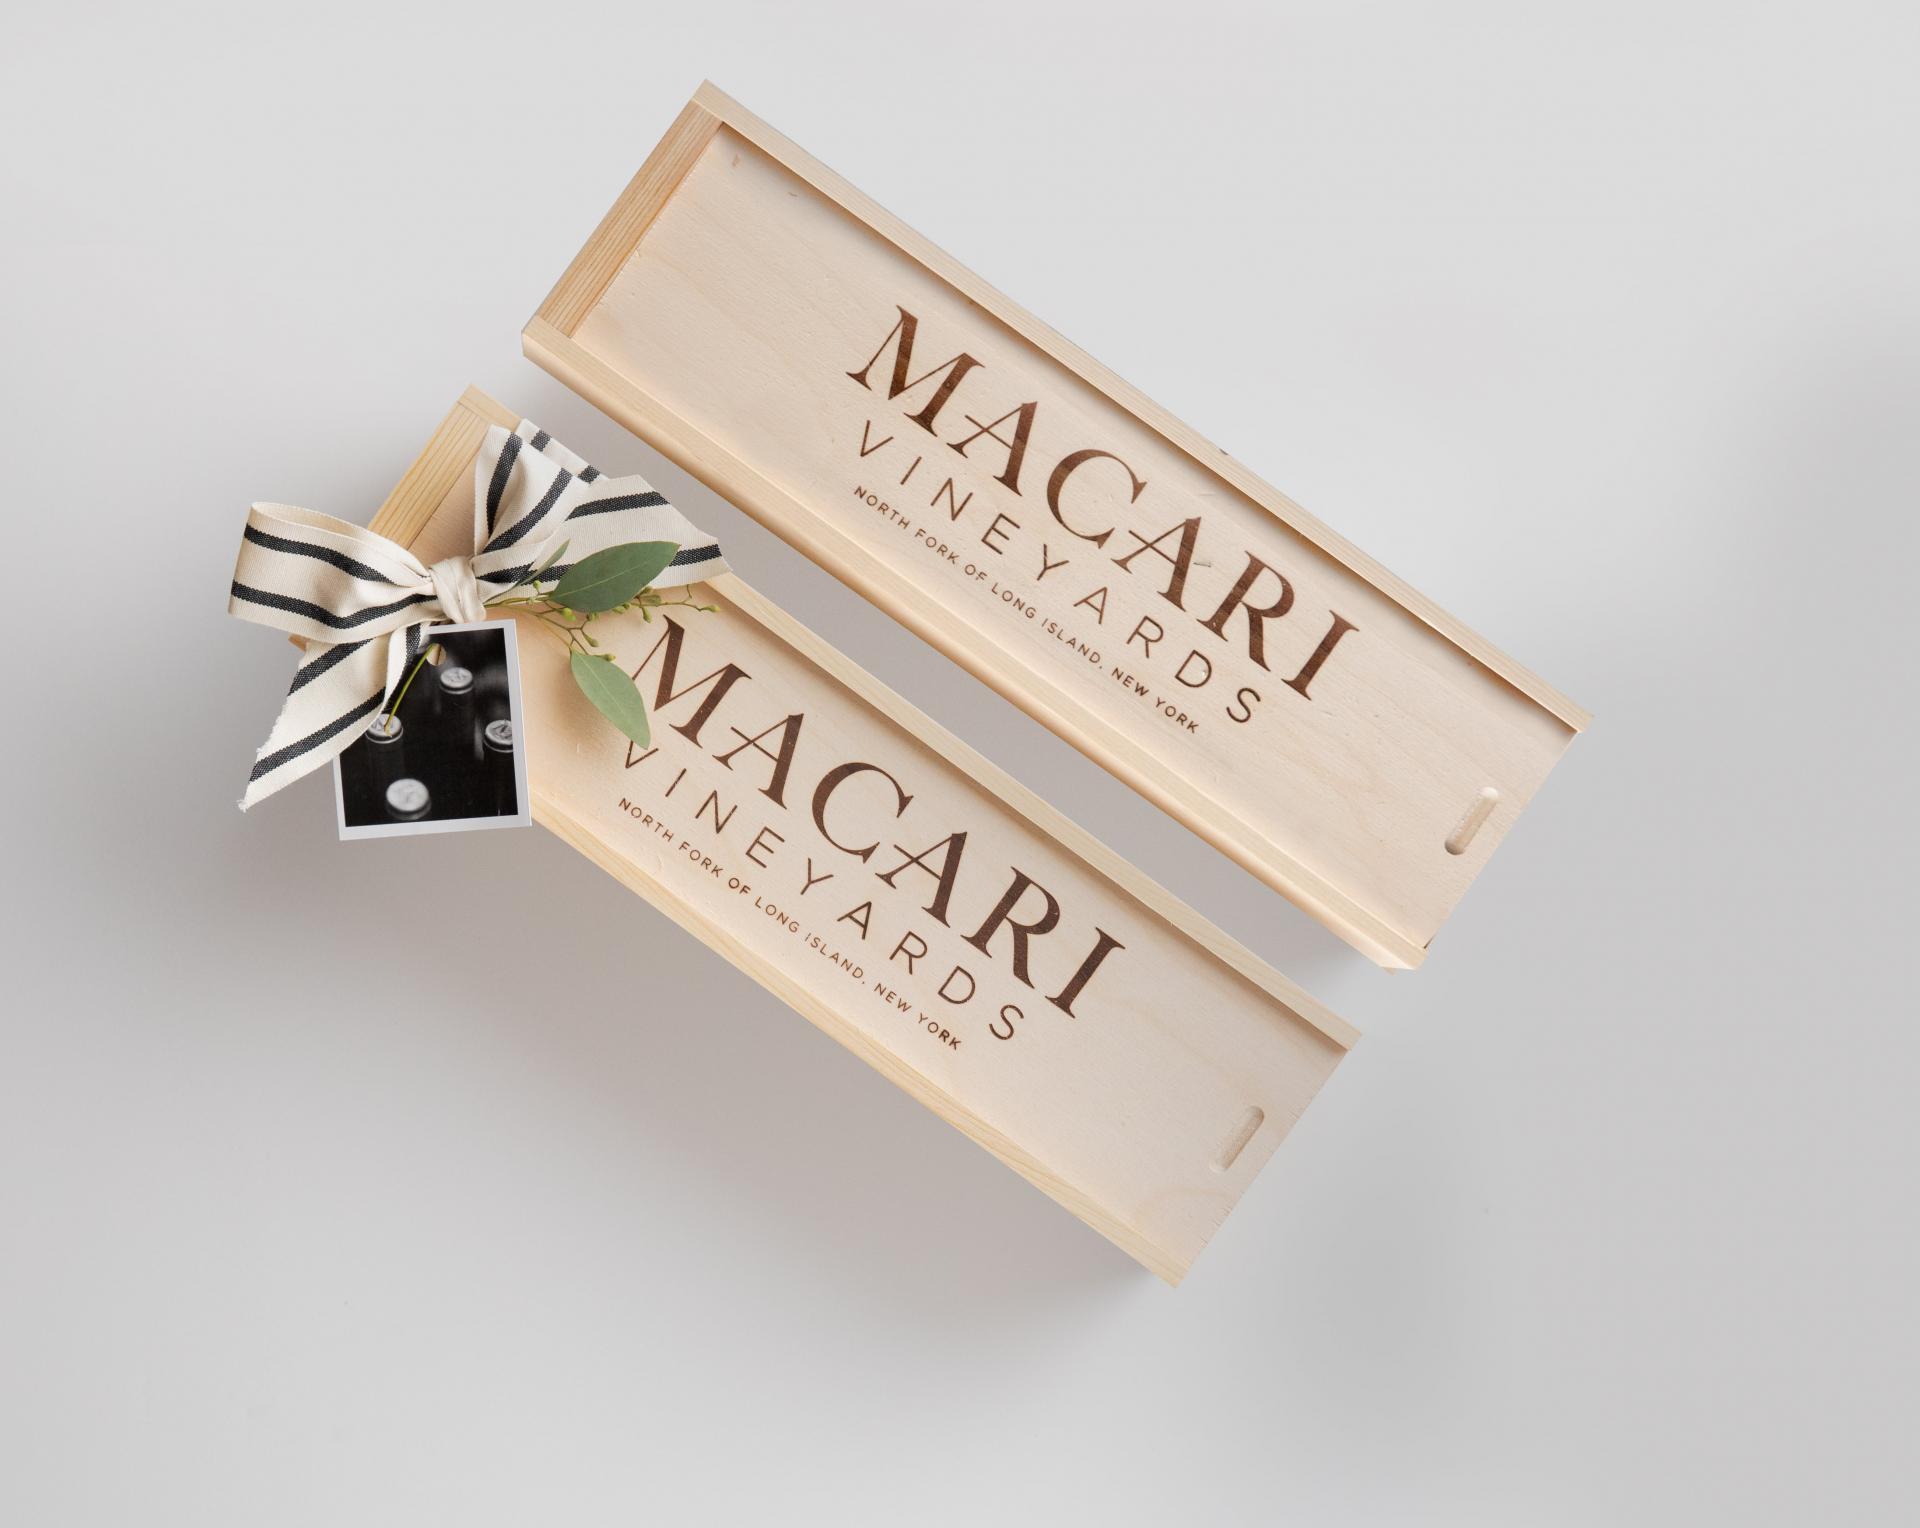 Macari vineyards east end taste